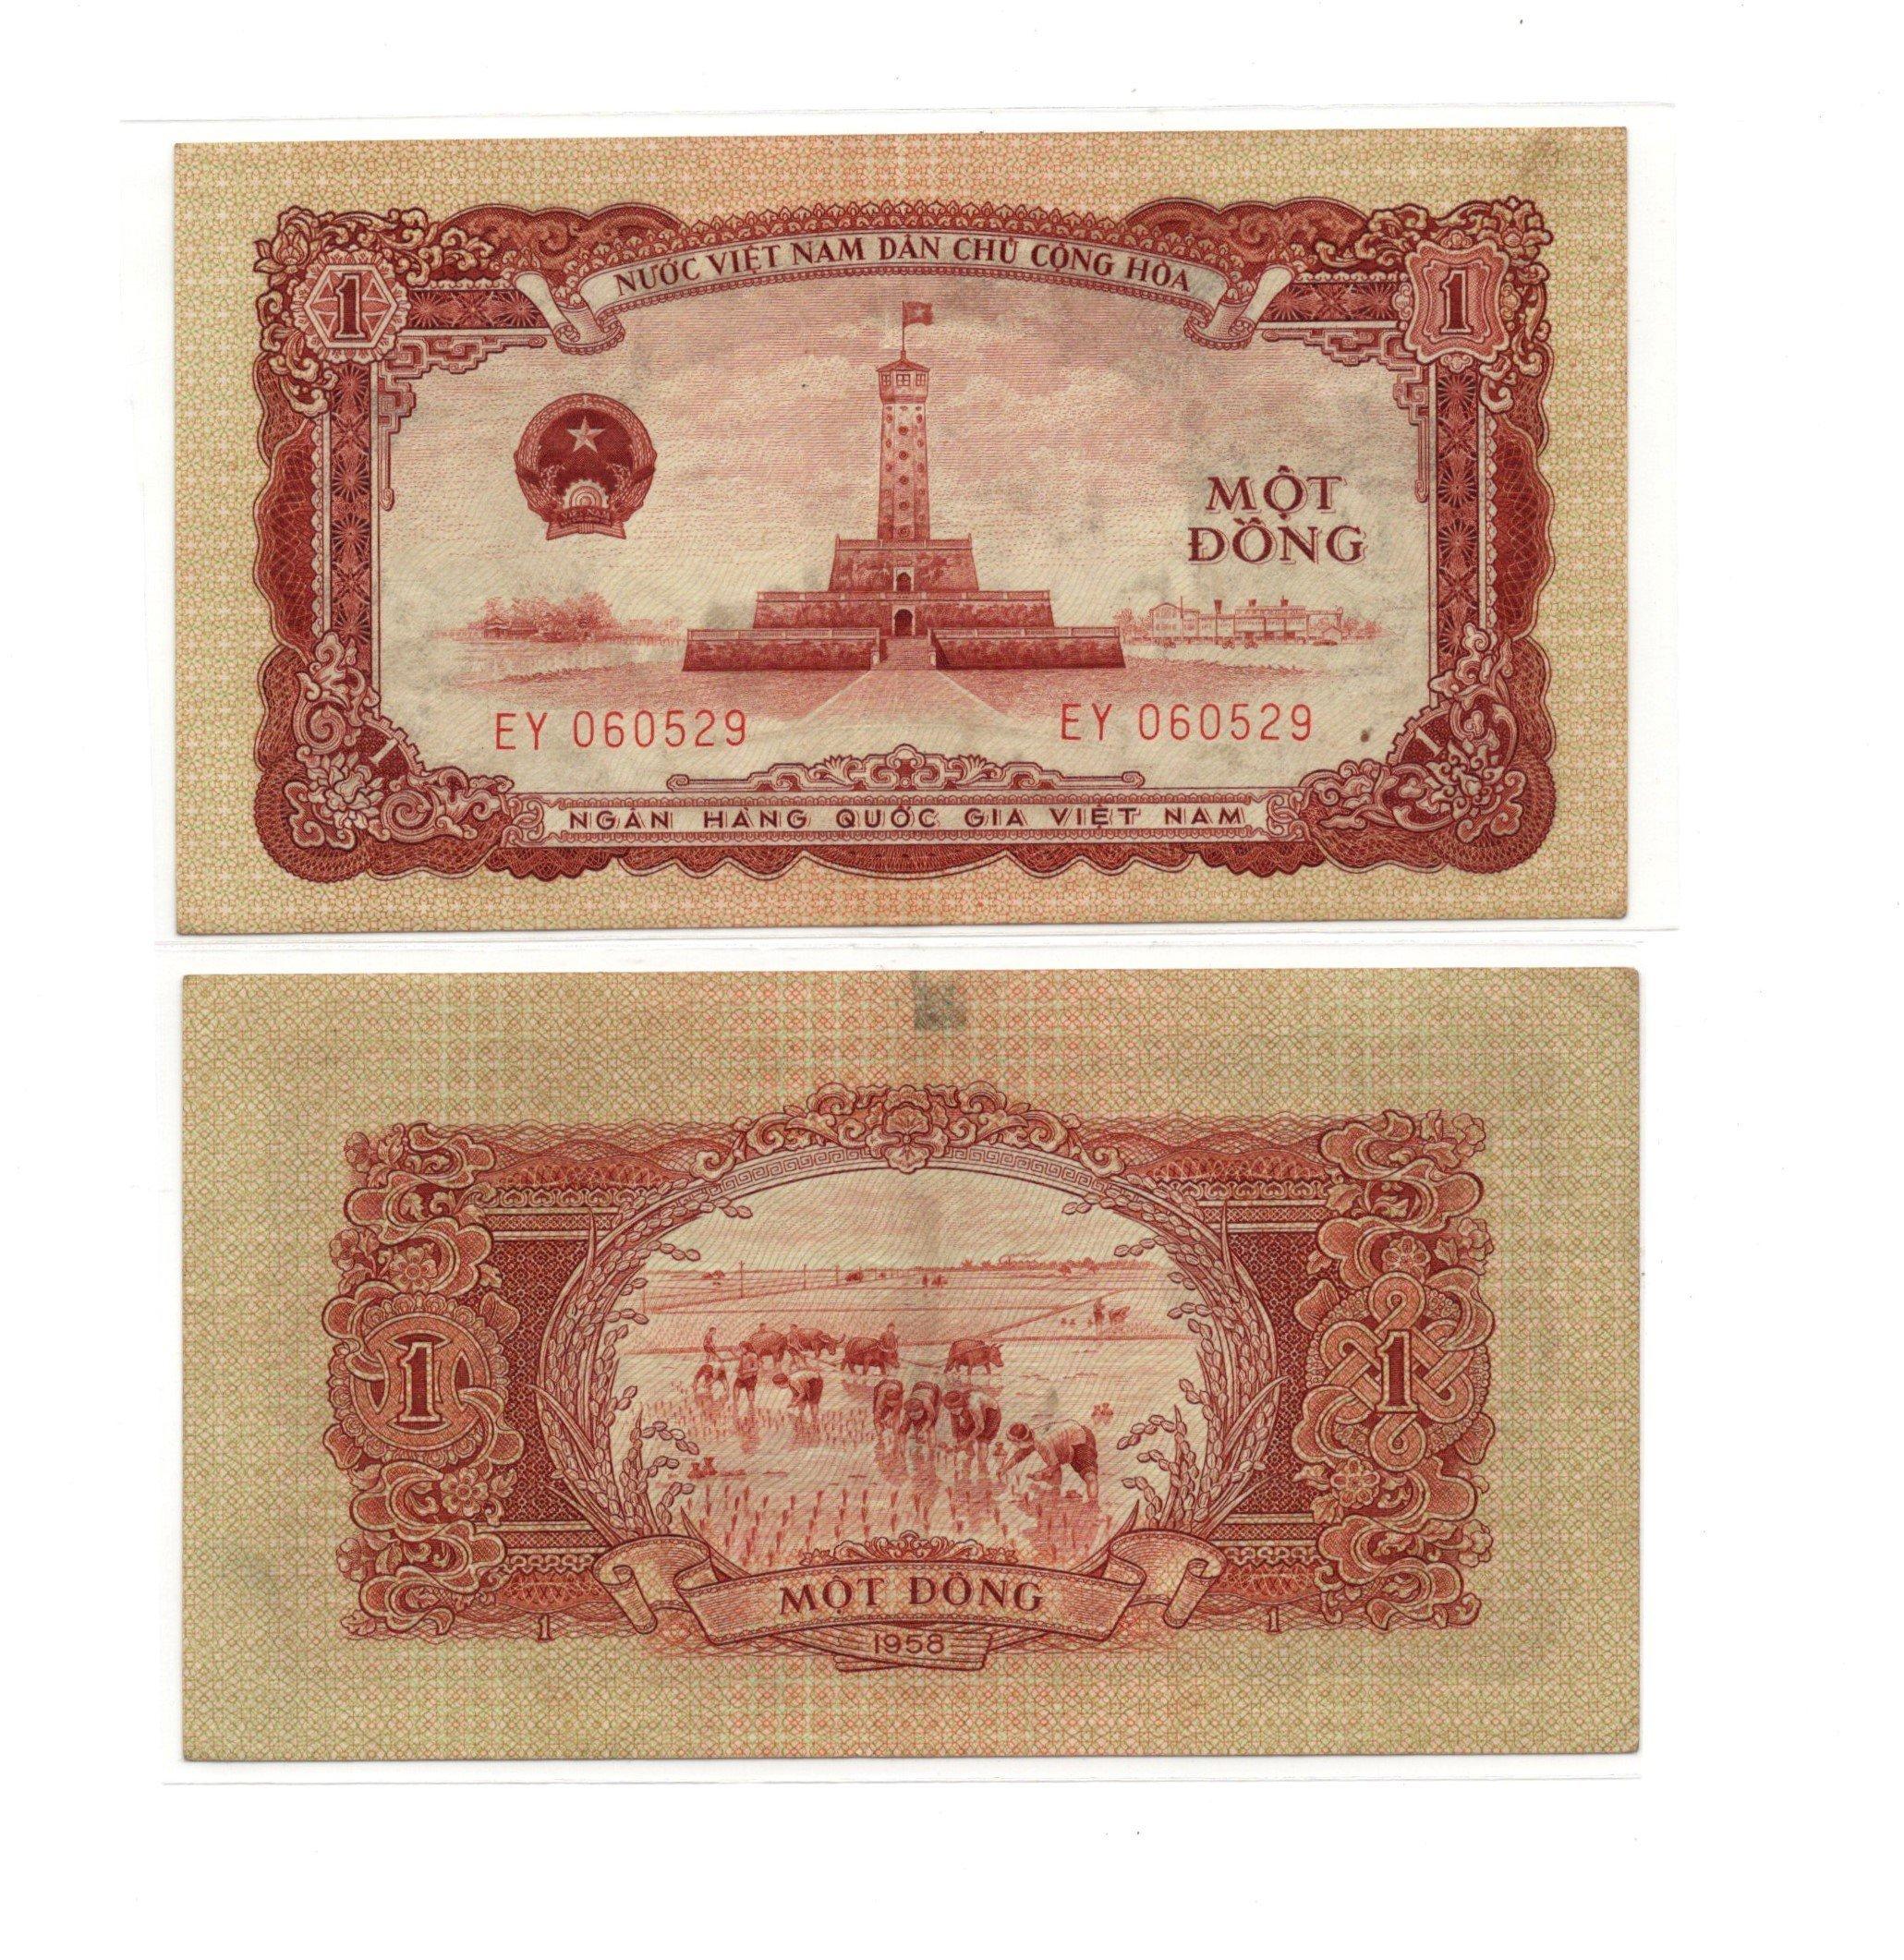 Vietnam 1 dong 1958